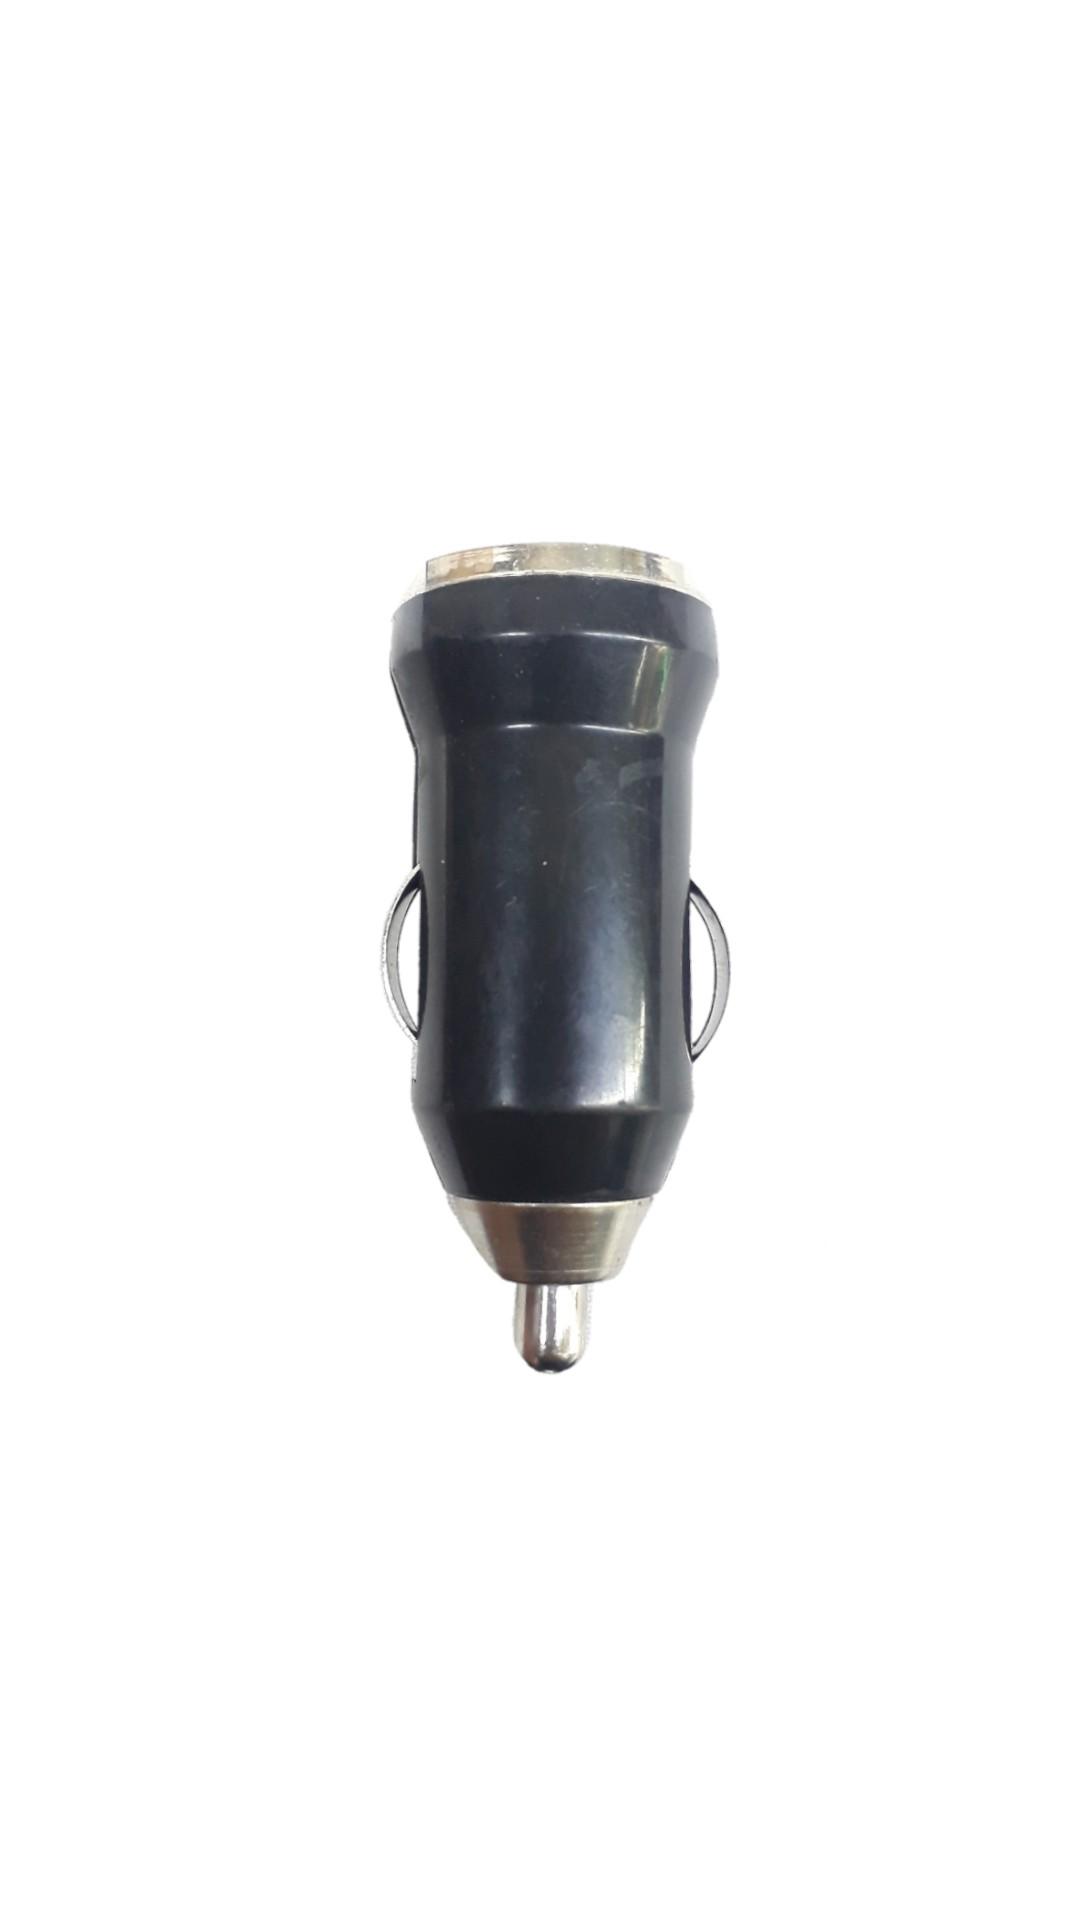 Carregador Bmax Isqueiro Veicular Ldt13e Input 12-24vdc, Output 5.0 1500ma